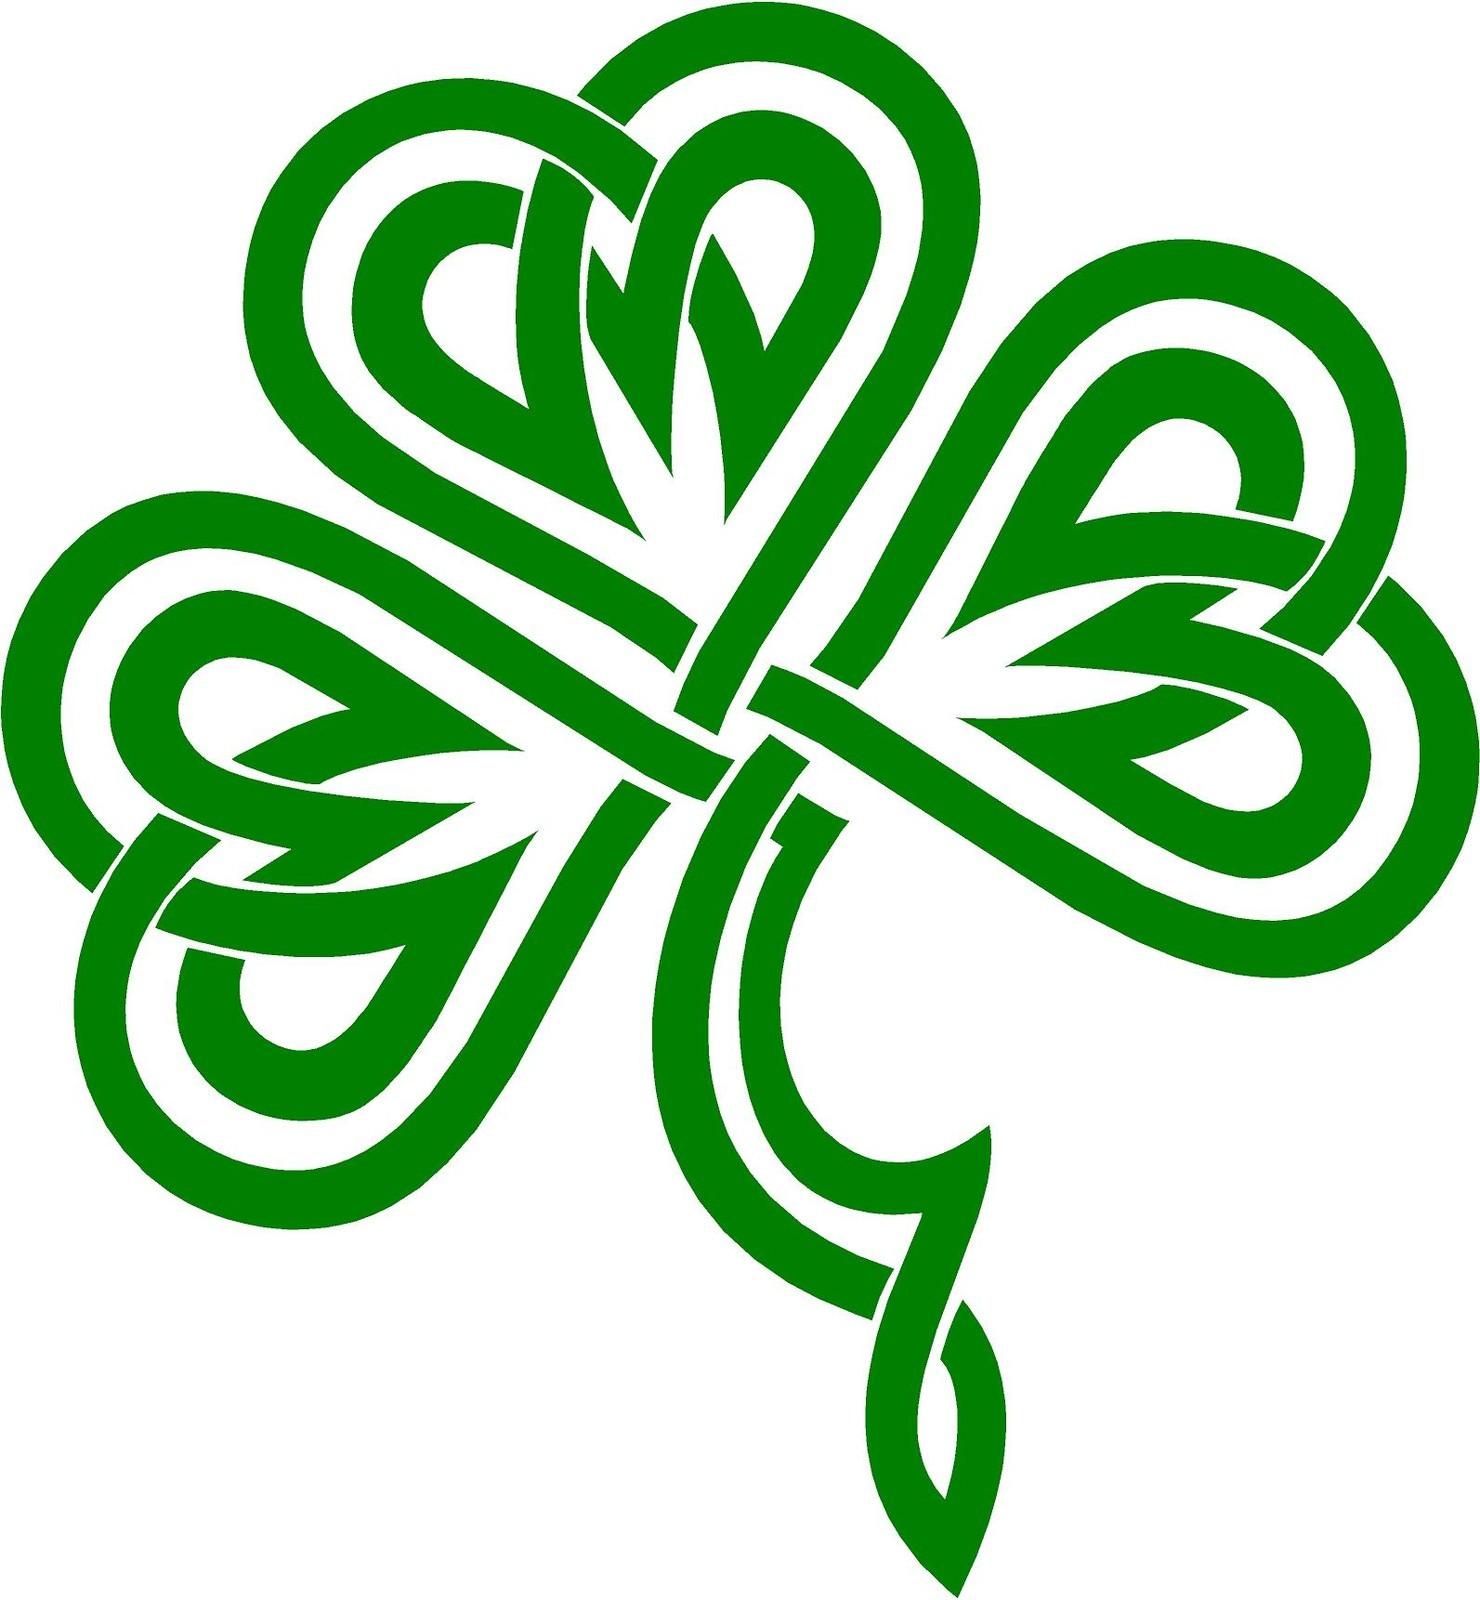 Symbol clipart irish Musings: o' Green bit Cross